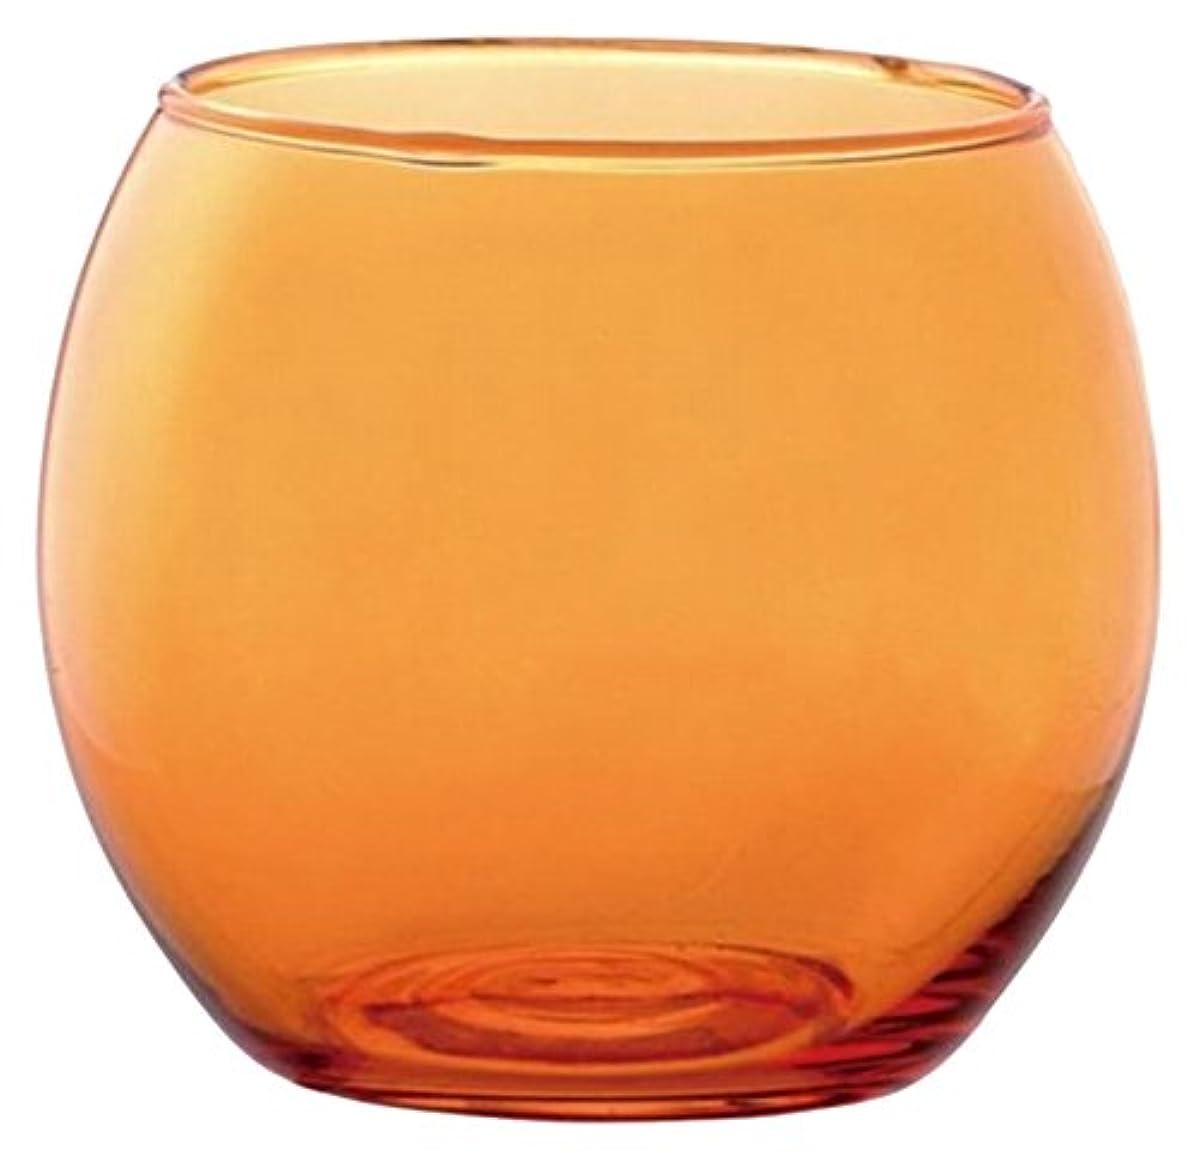 のり火故意のカメヤマキャンドルハウス スフィアキャンドルホルダー  オレンジ